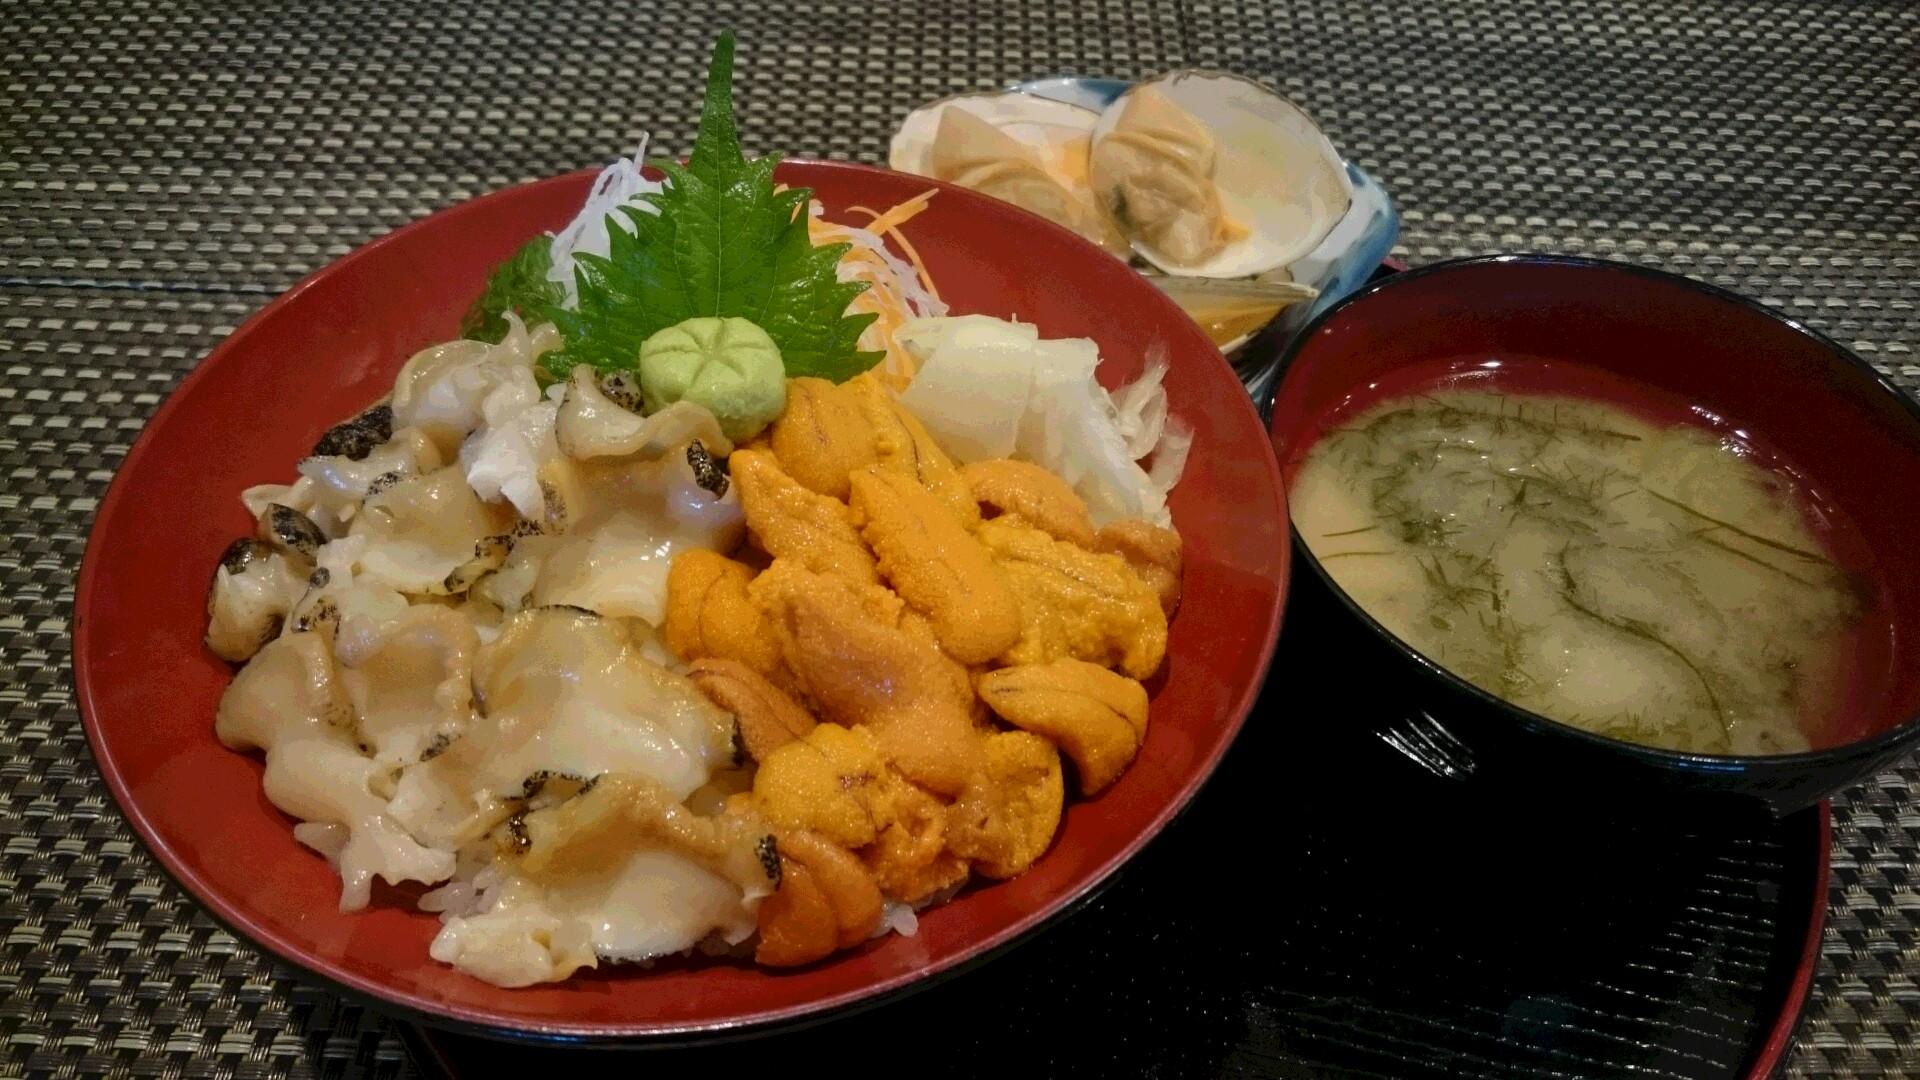 女郎花餐廳:享受春季海膽以及當地自豪的北海道峨螺刺身